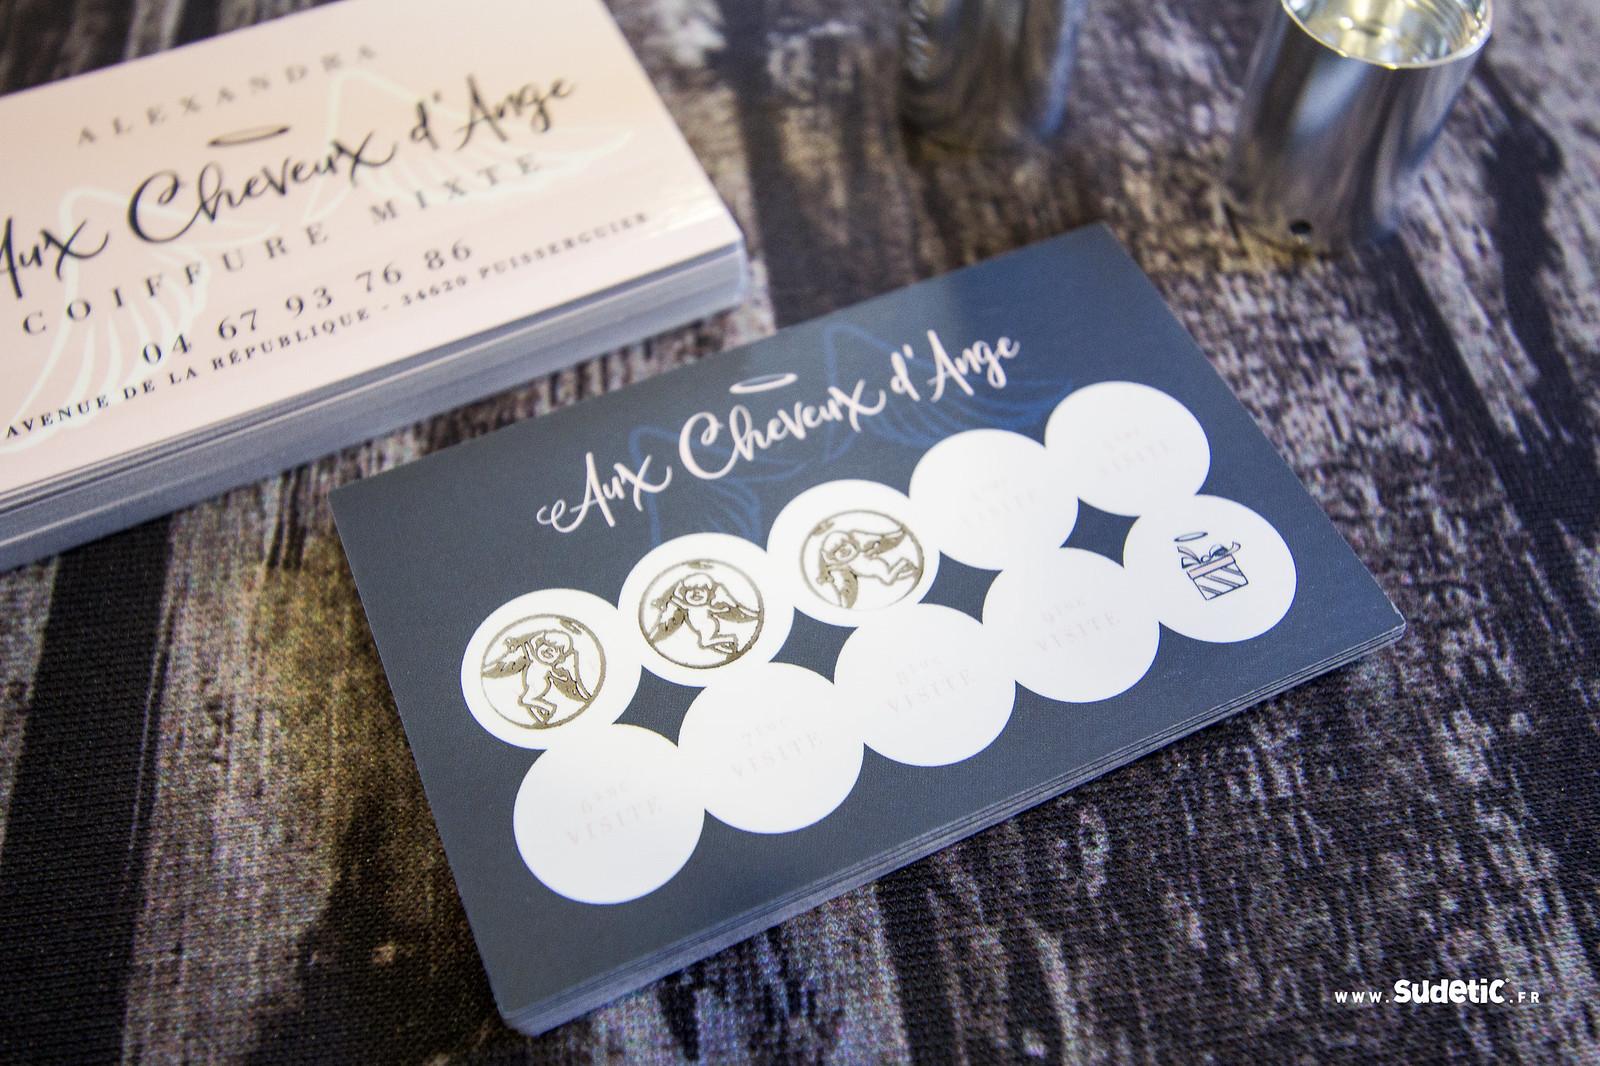 Sudetic cartes de fidelite Aux Cheveux d'Ange-2